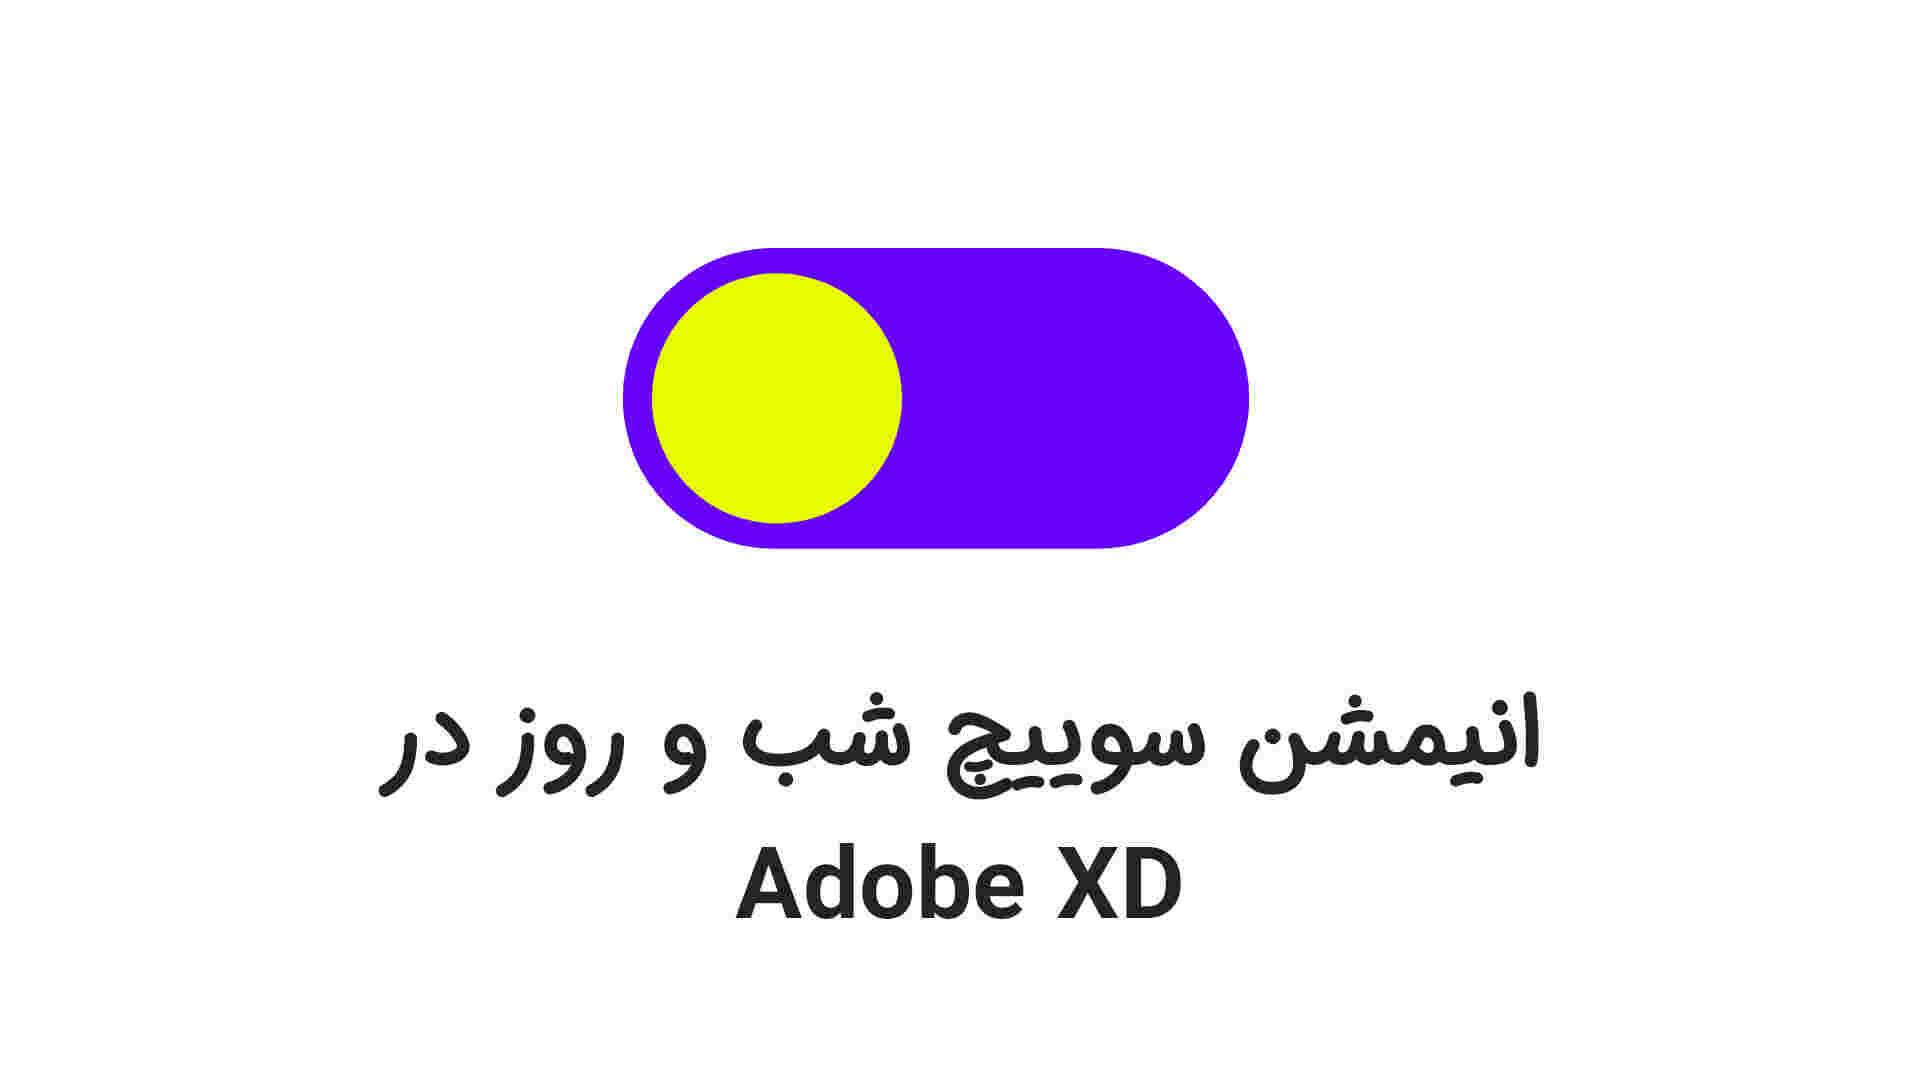 طراحی و انیمیشن سوییچ شب و روز در adobe xd